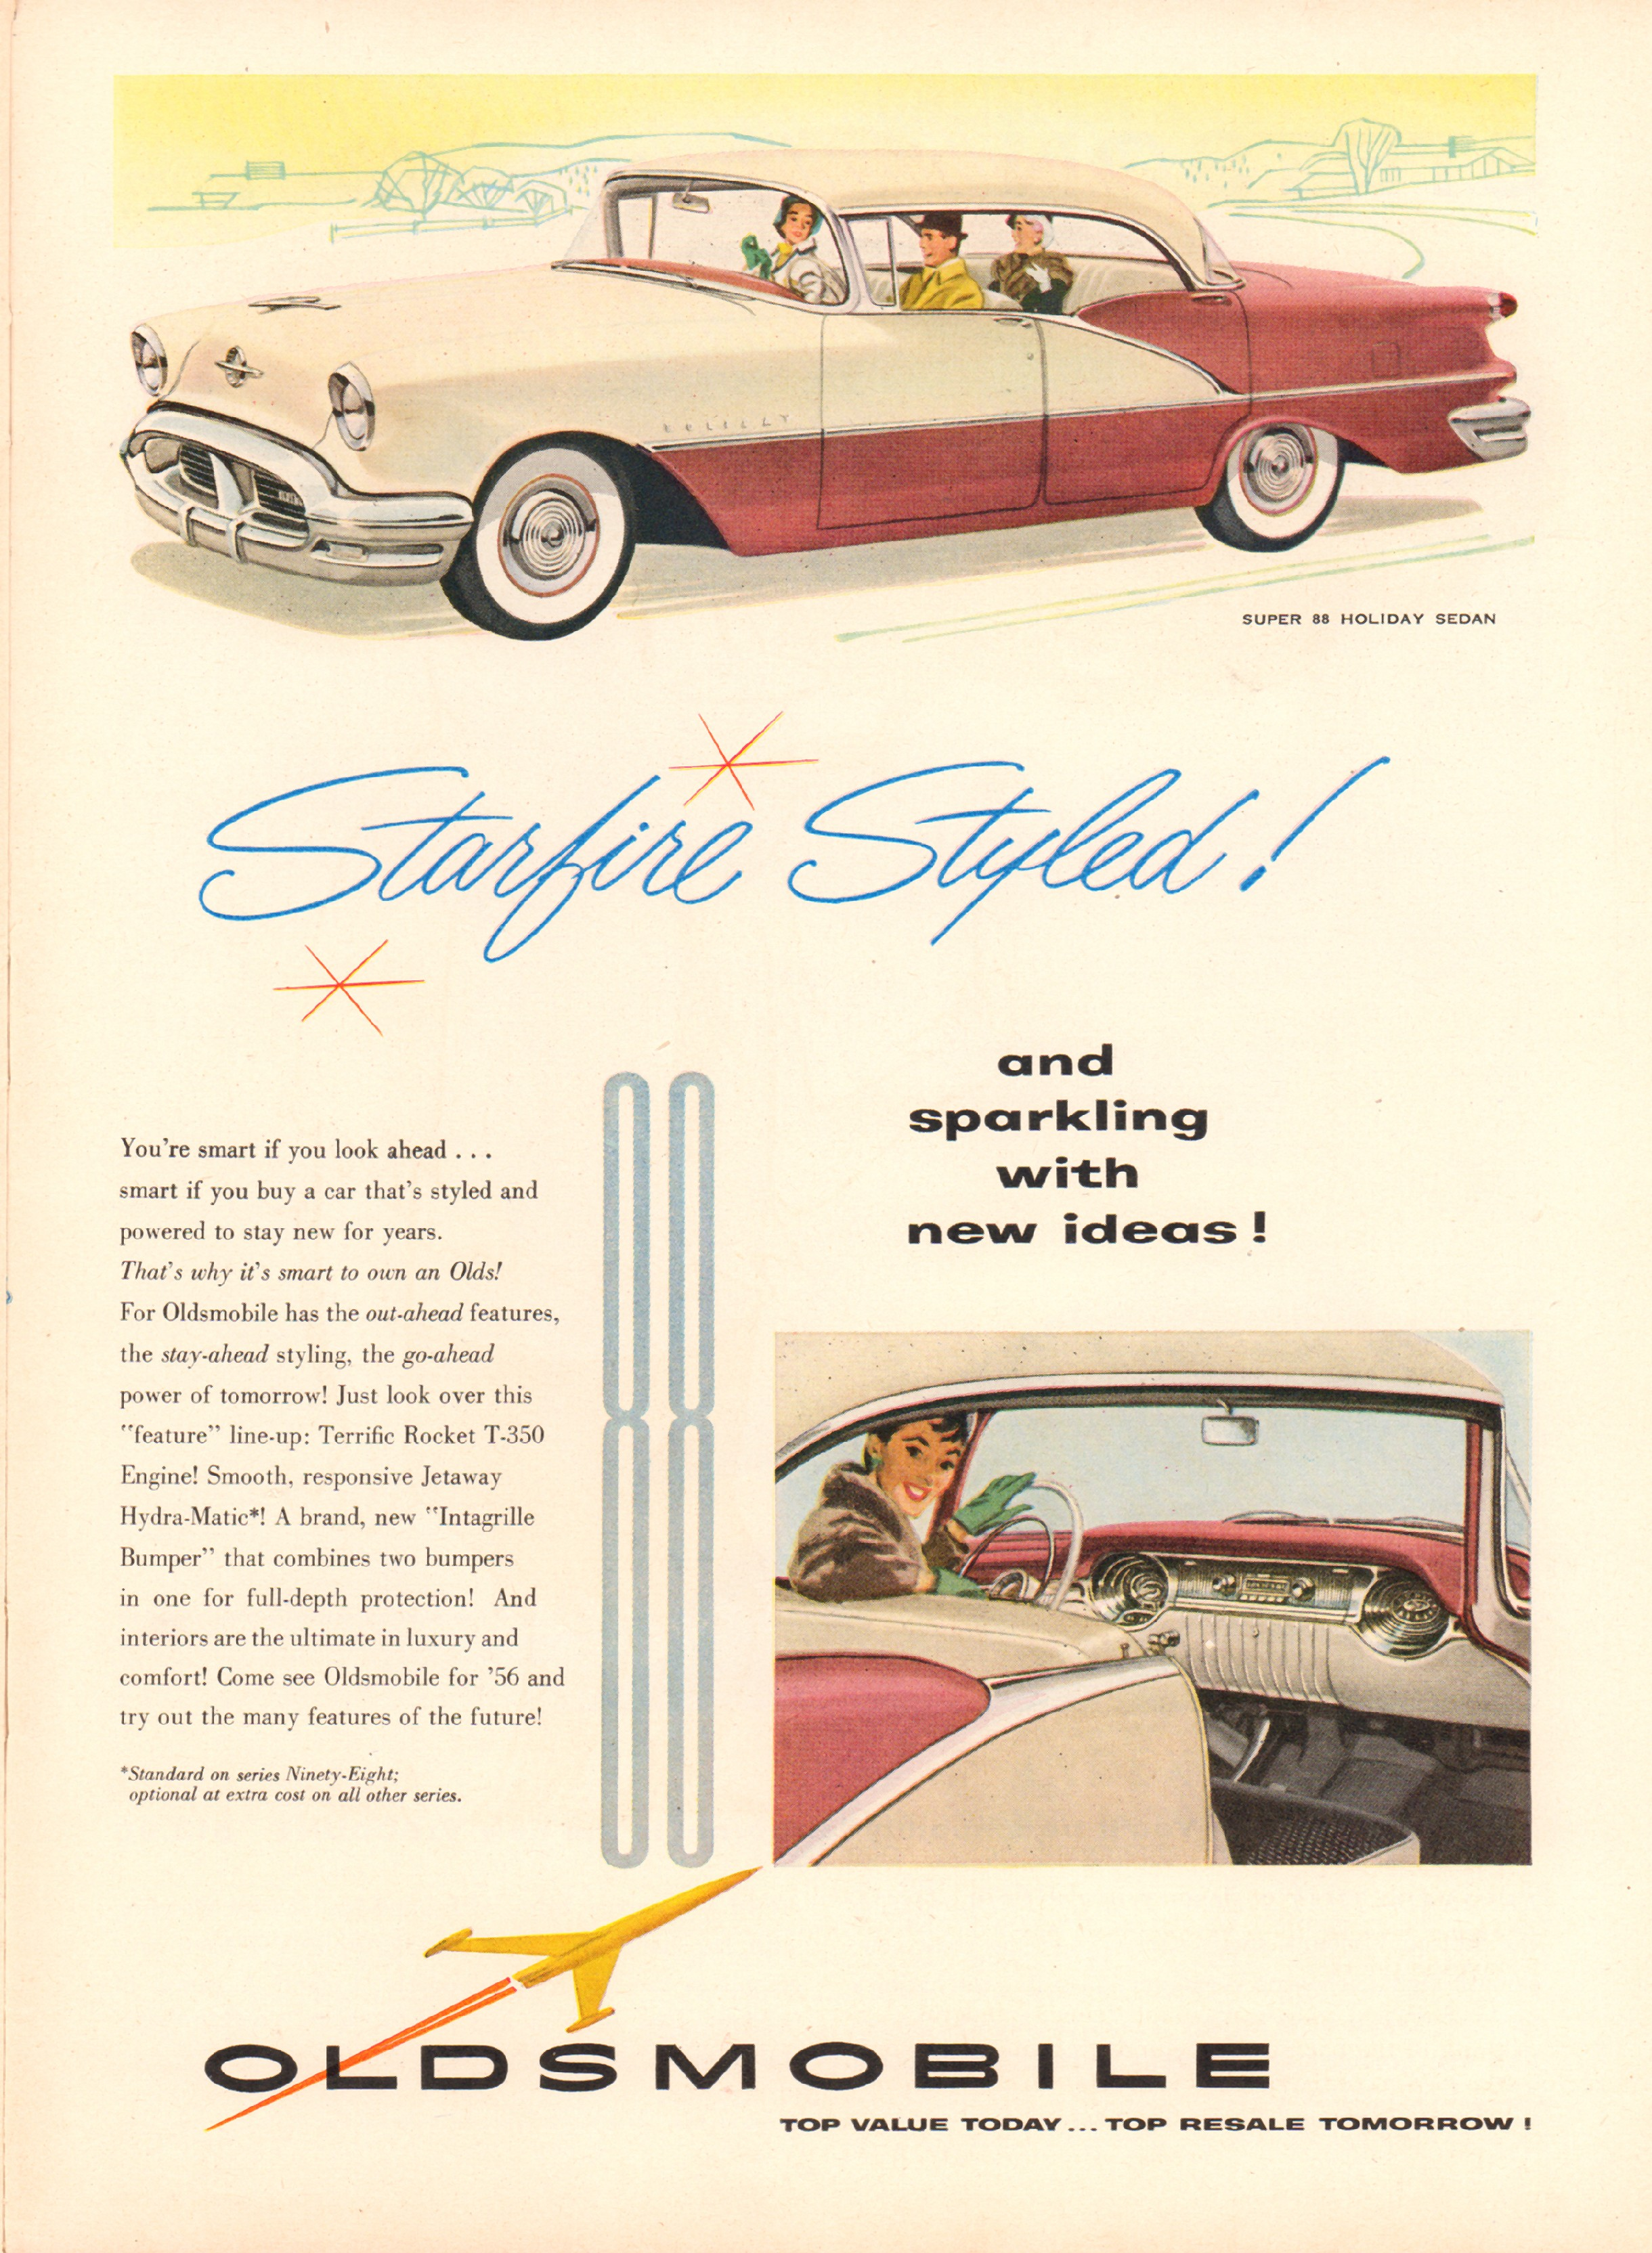 1956 Oldsmobile Super 88 Holiday Sedan - published in Time - April 2, 1956